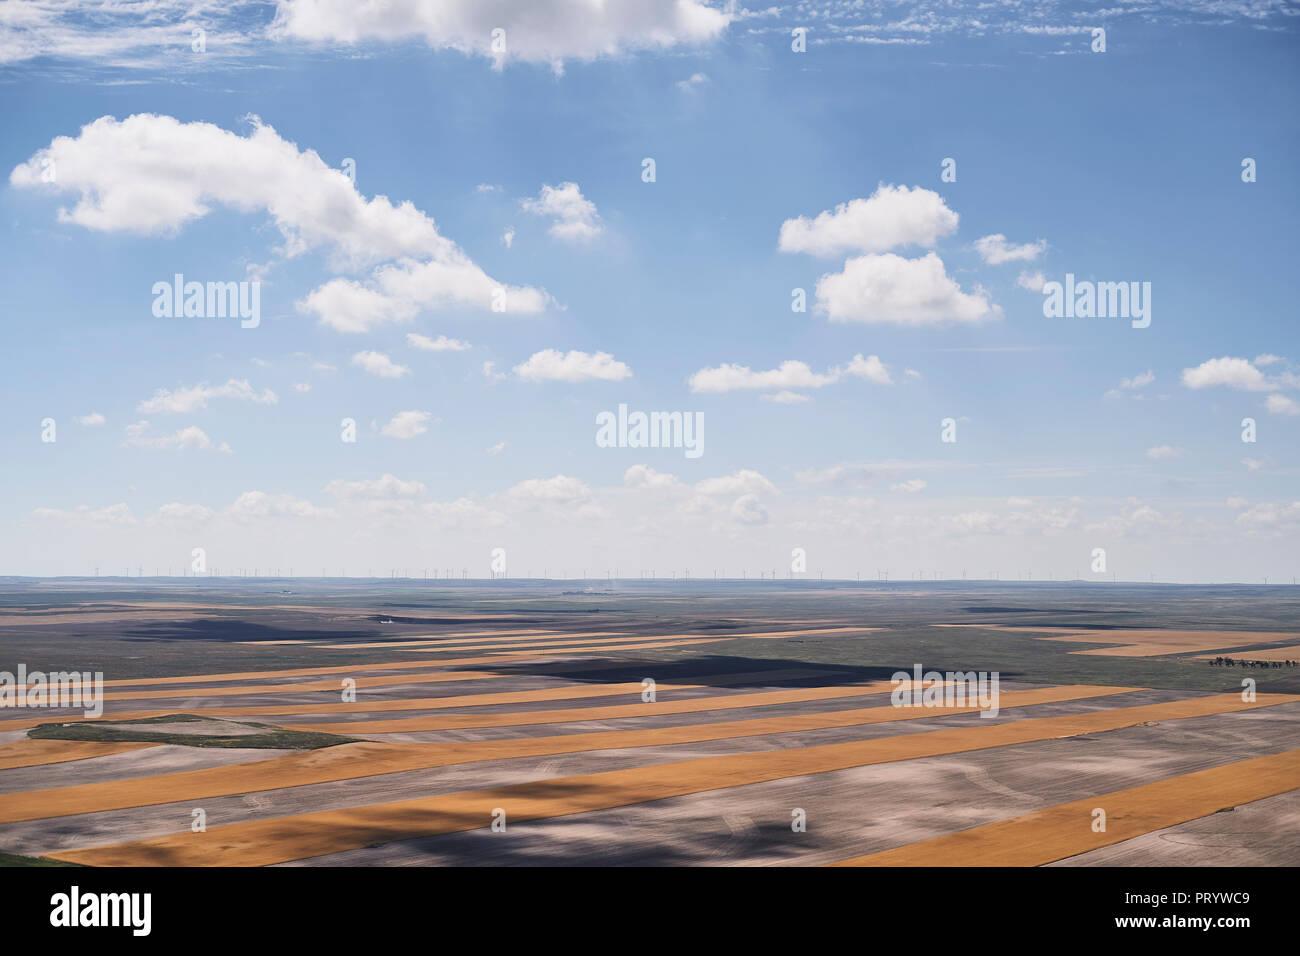 USA, Luftbild von der Kontur der Landwirtschaft nach der Ernte im westlichen Nebraska Stockbild